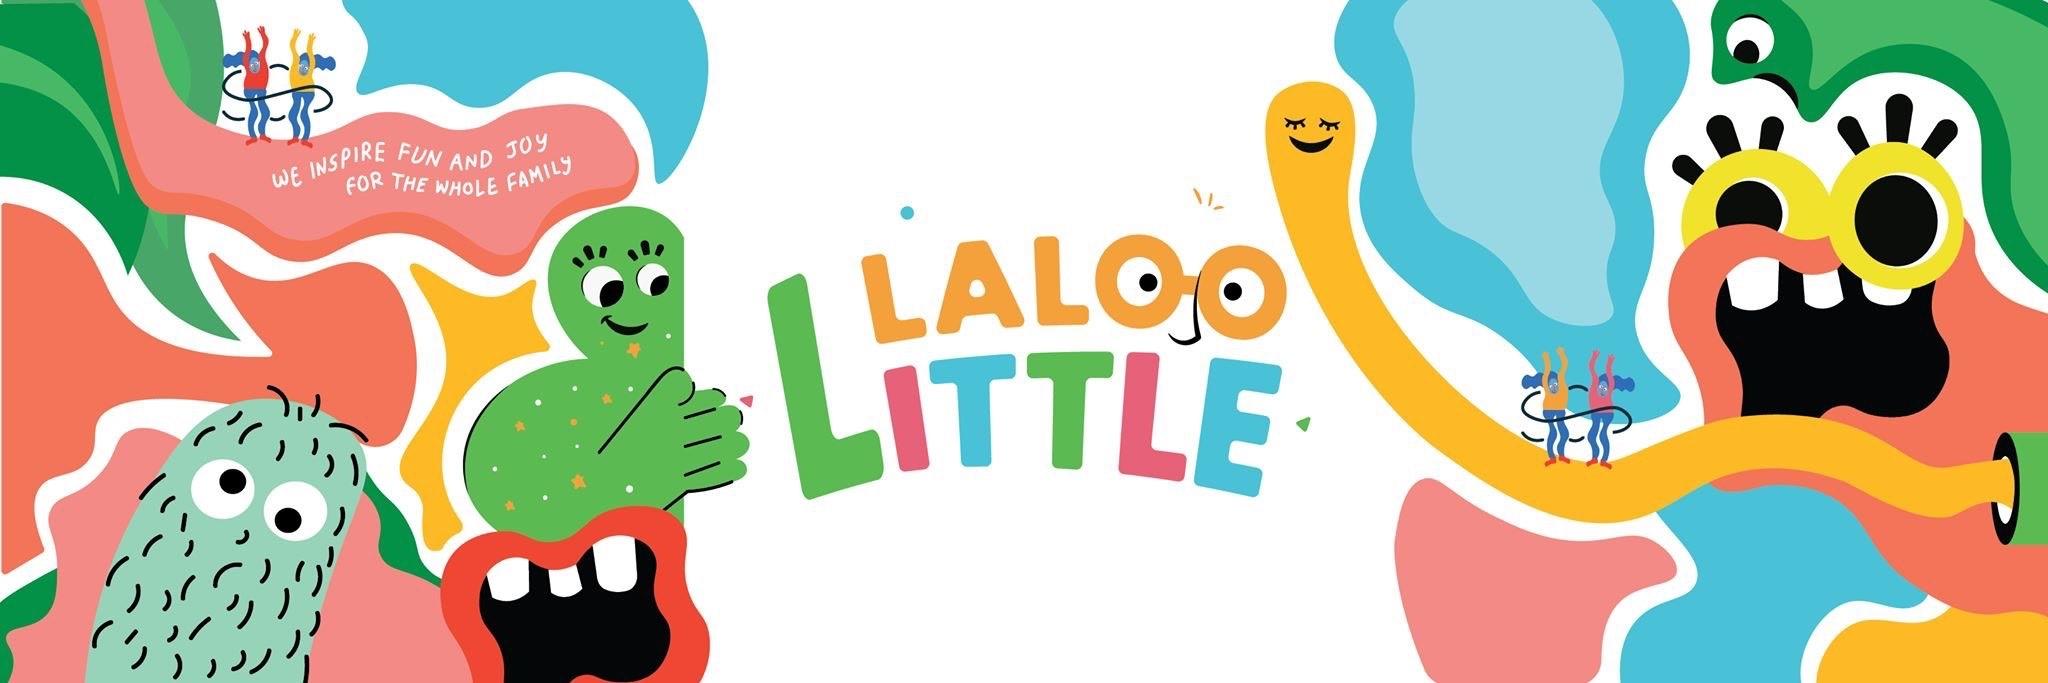 LalooLittle banner